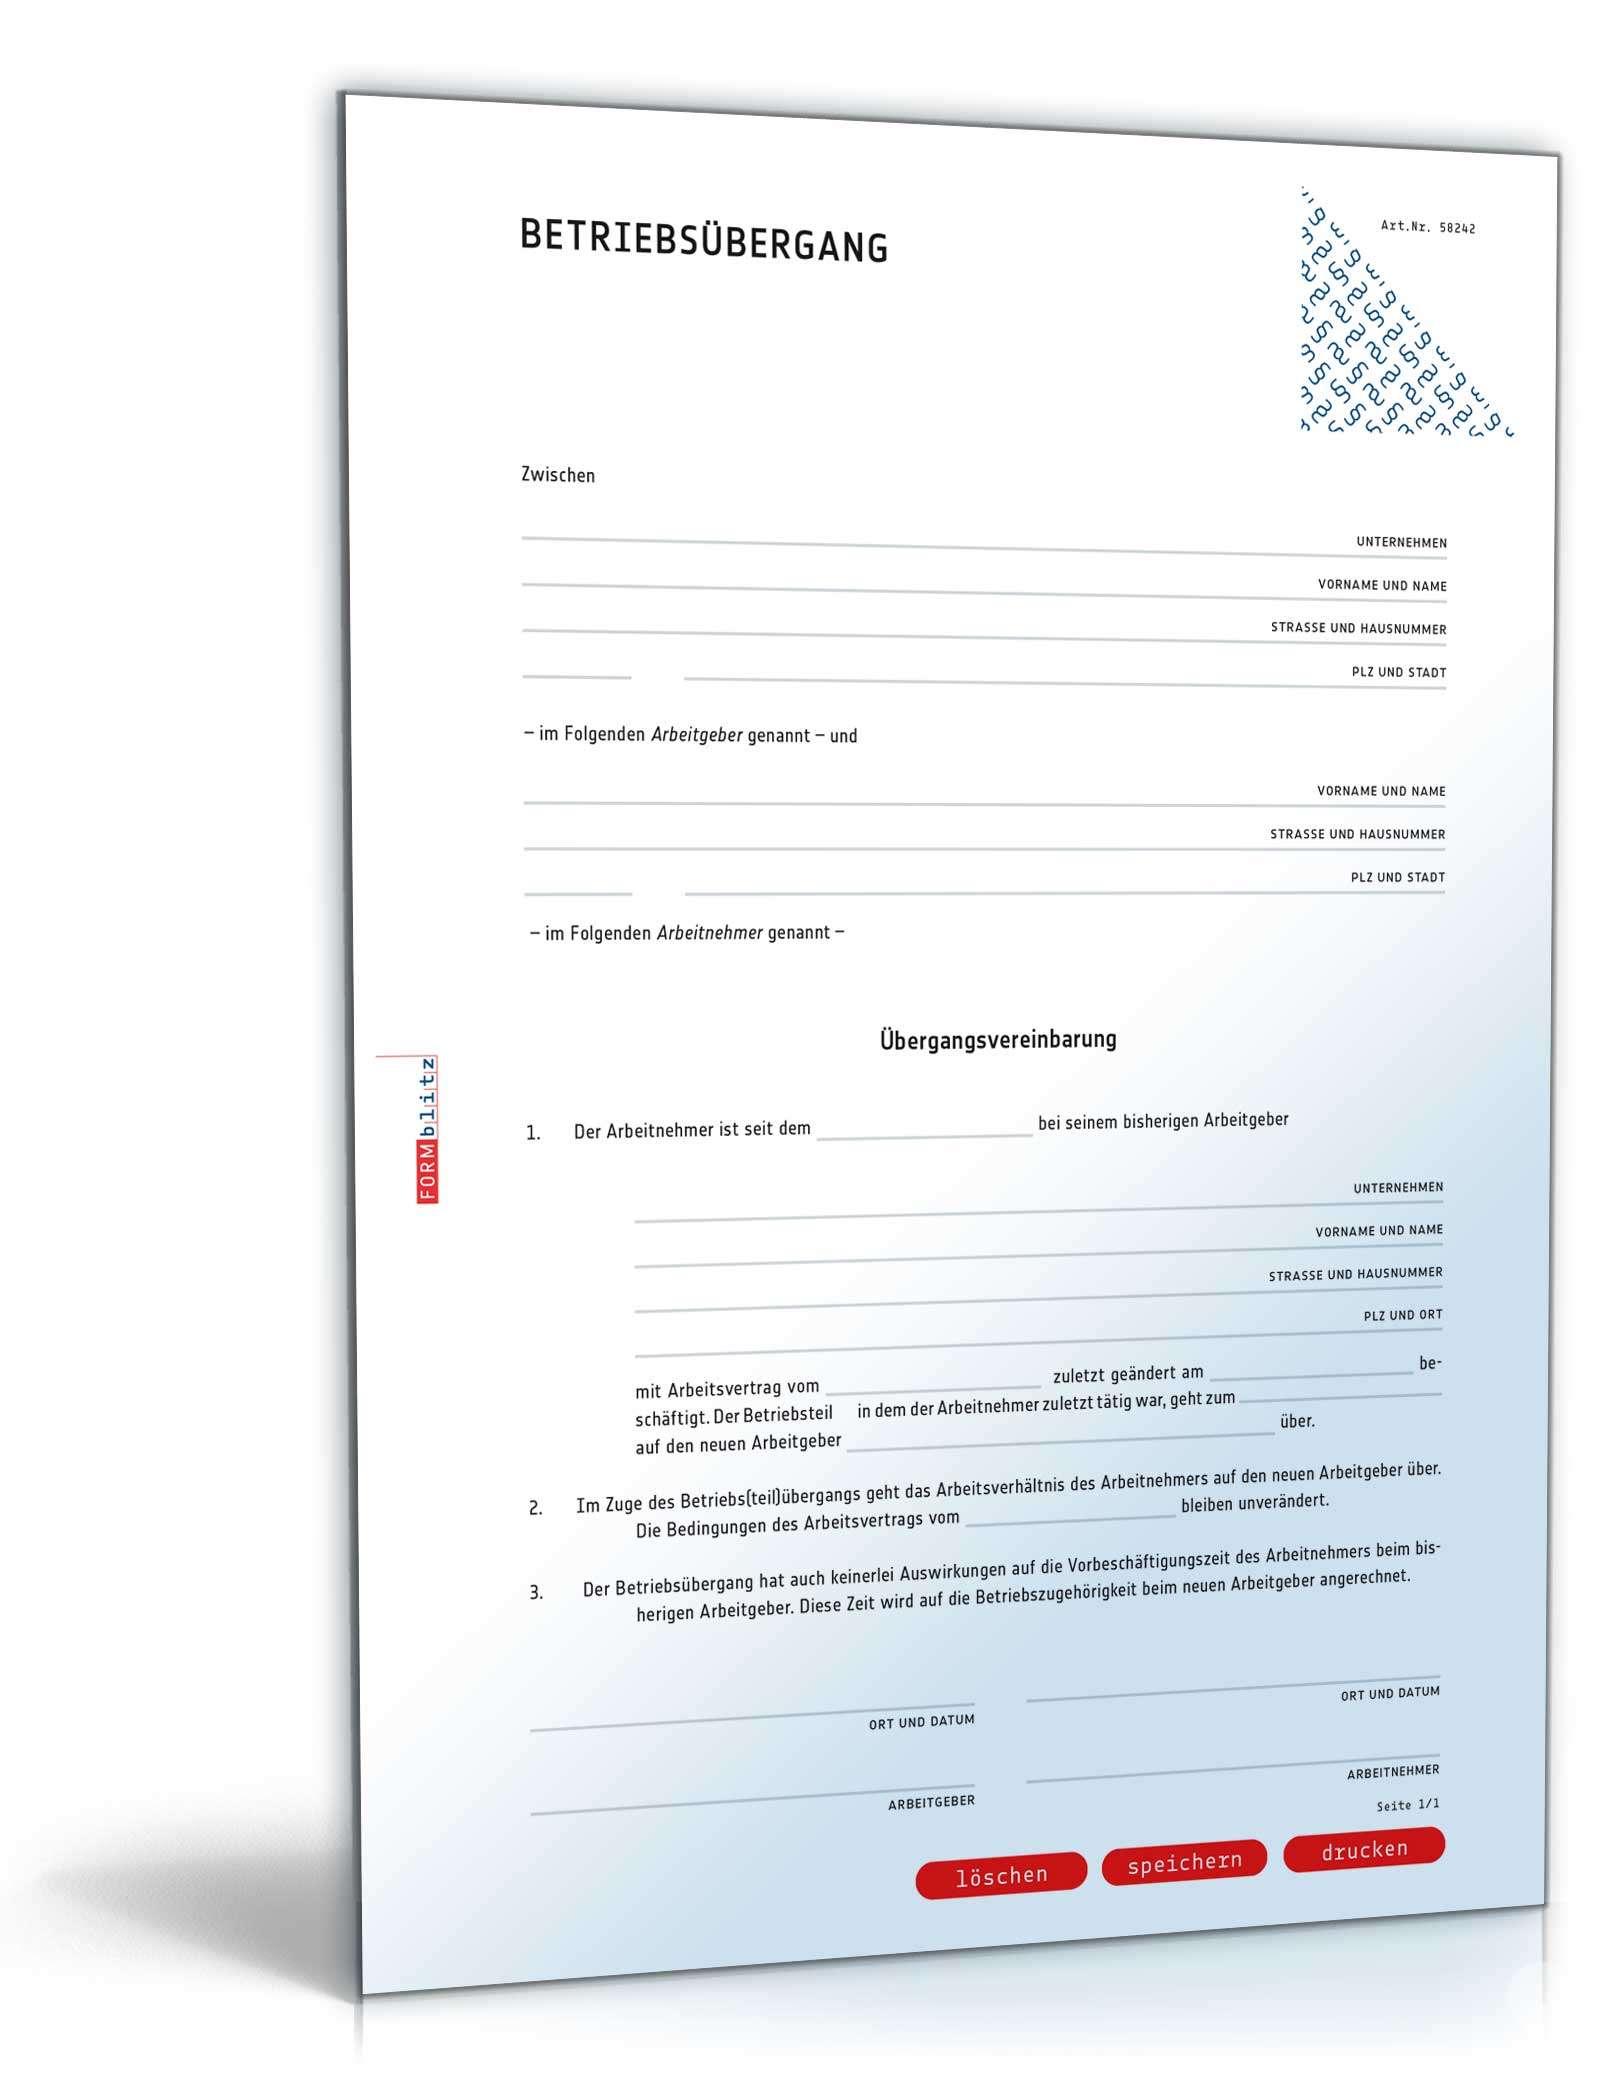 Arbeitsvertrag Checkliste: Inhalt, Befristung, Fallen. Es herrscht Vertragsfreiheit in Deutschland. Das bedeutet, dass Arbeitgeber wie Arbeitnehmer bei der Gestaltung eines Arbeitsvertrags kaum an .